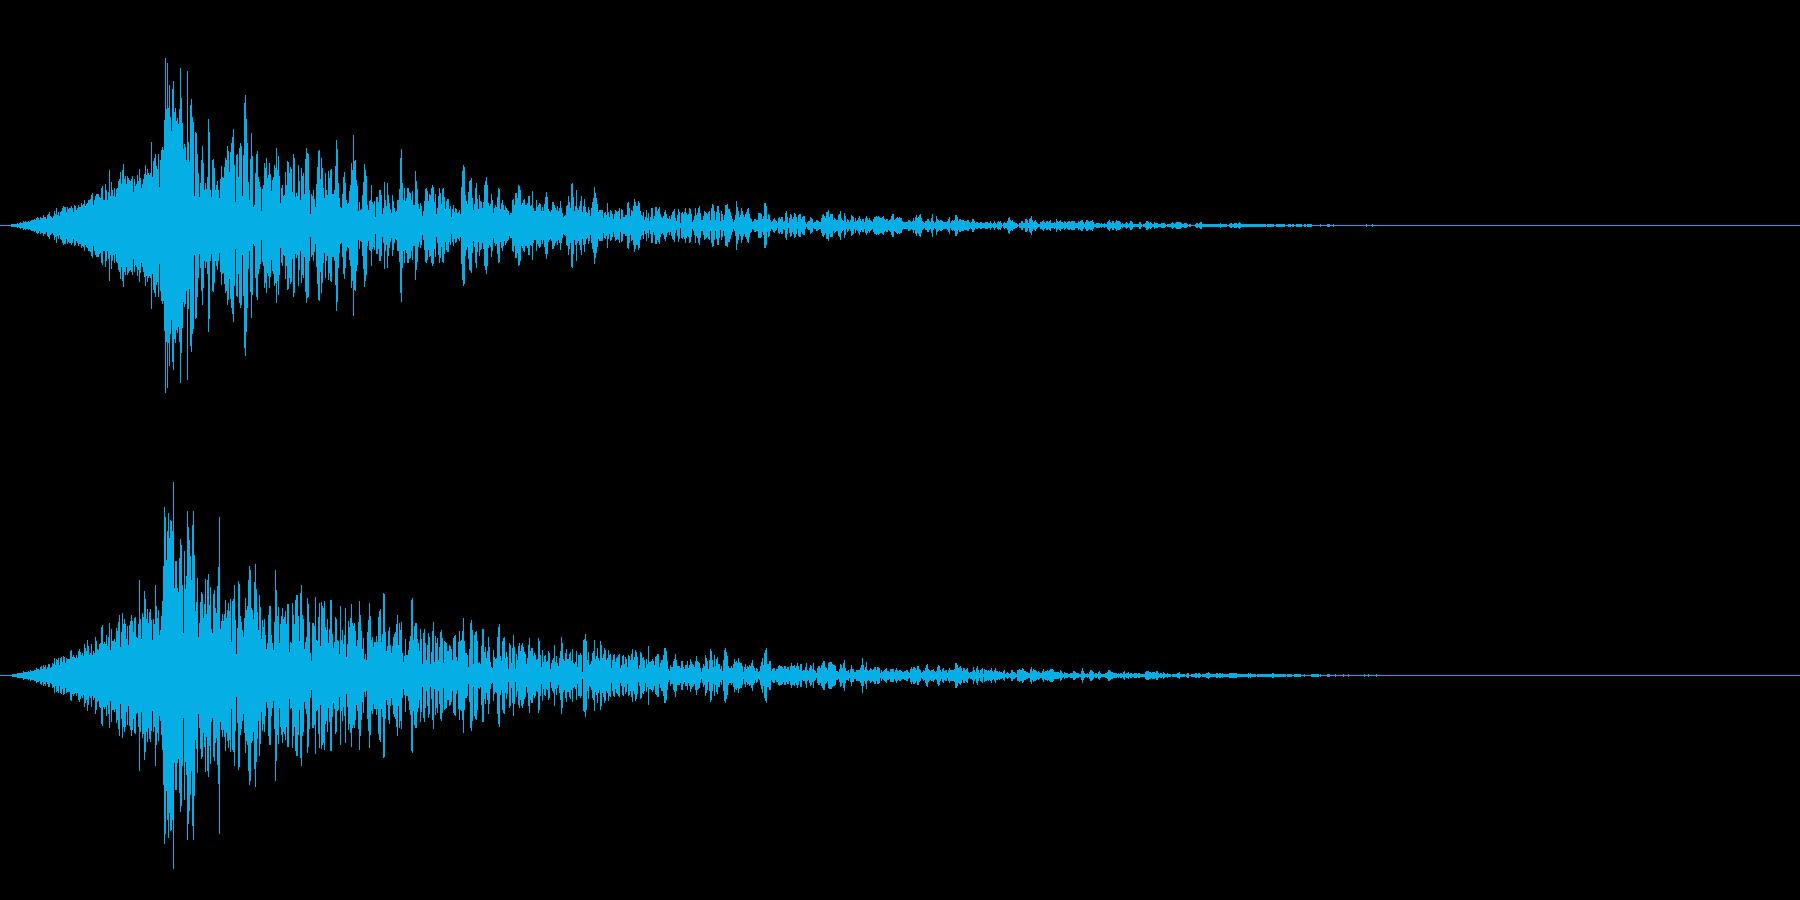 シュードーン-23-4(インパクト音)の再生済みの波形